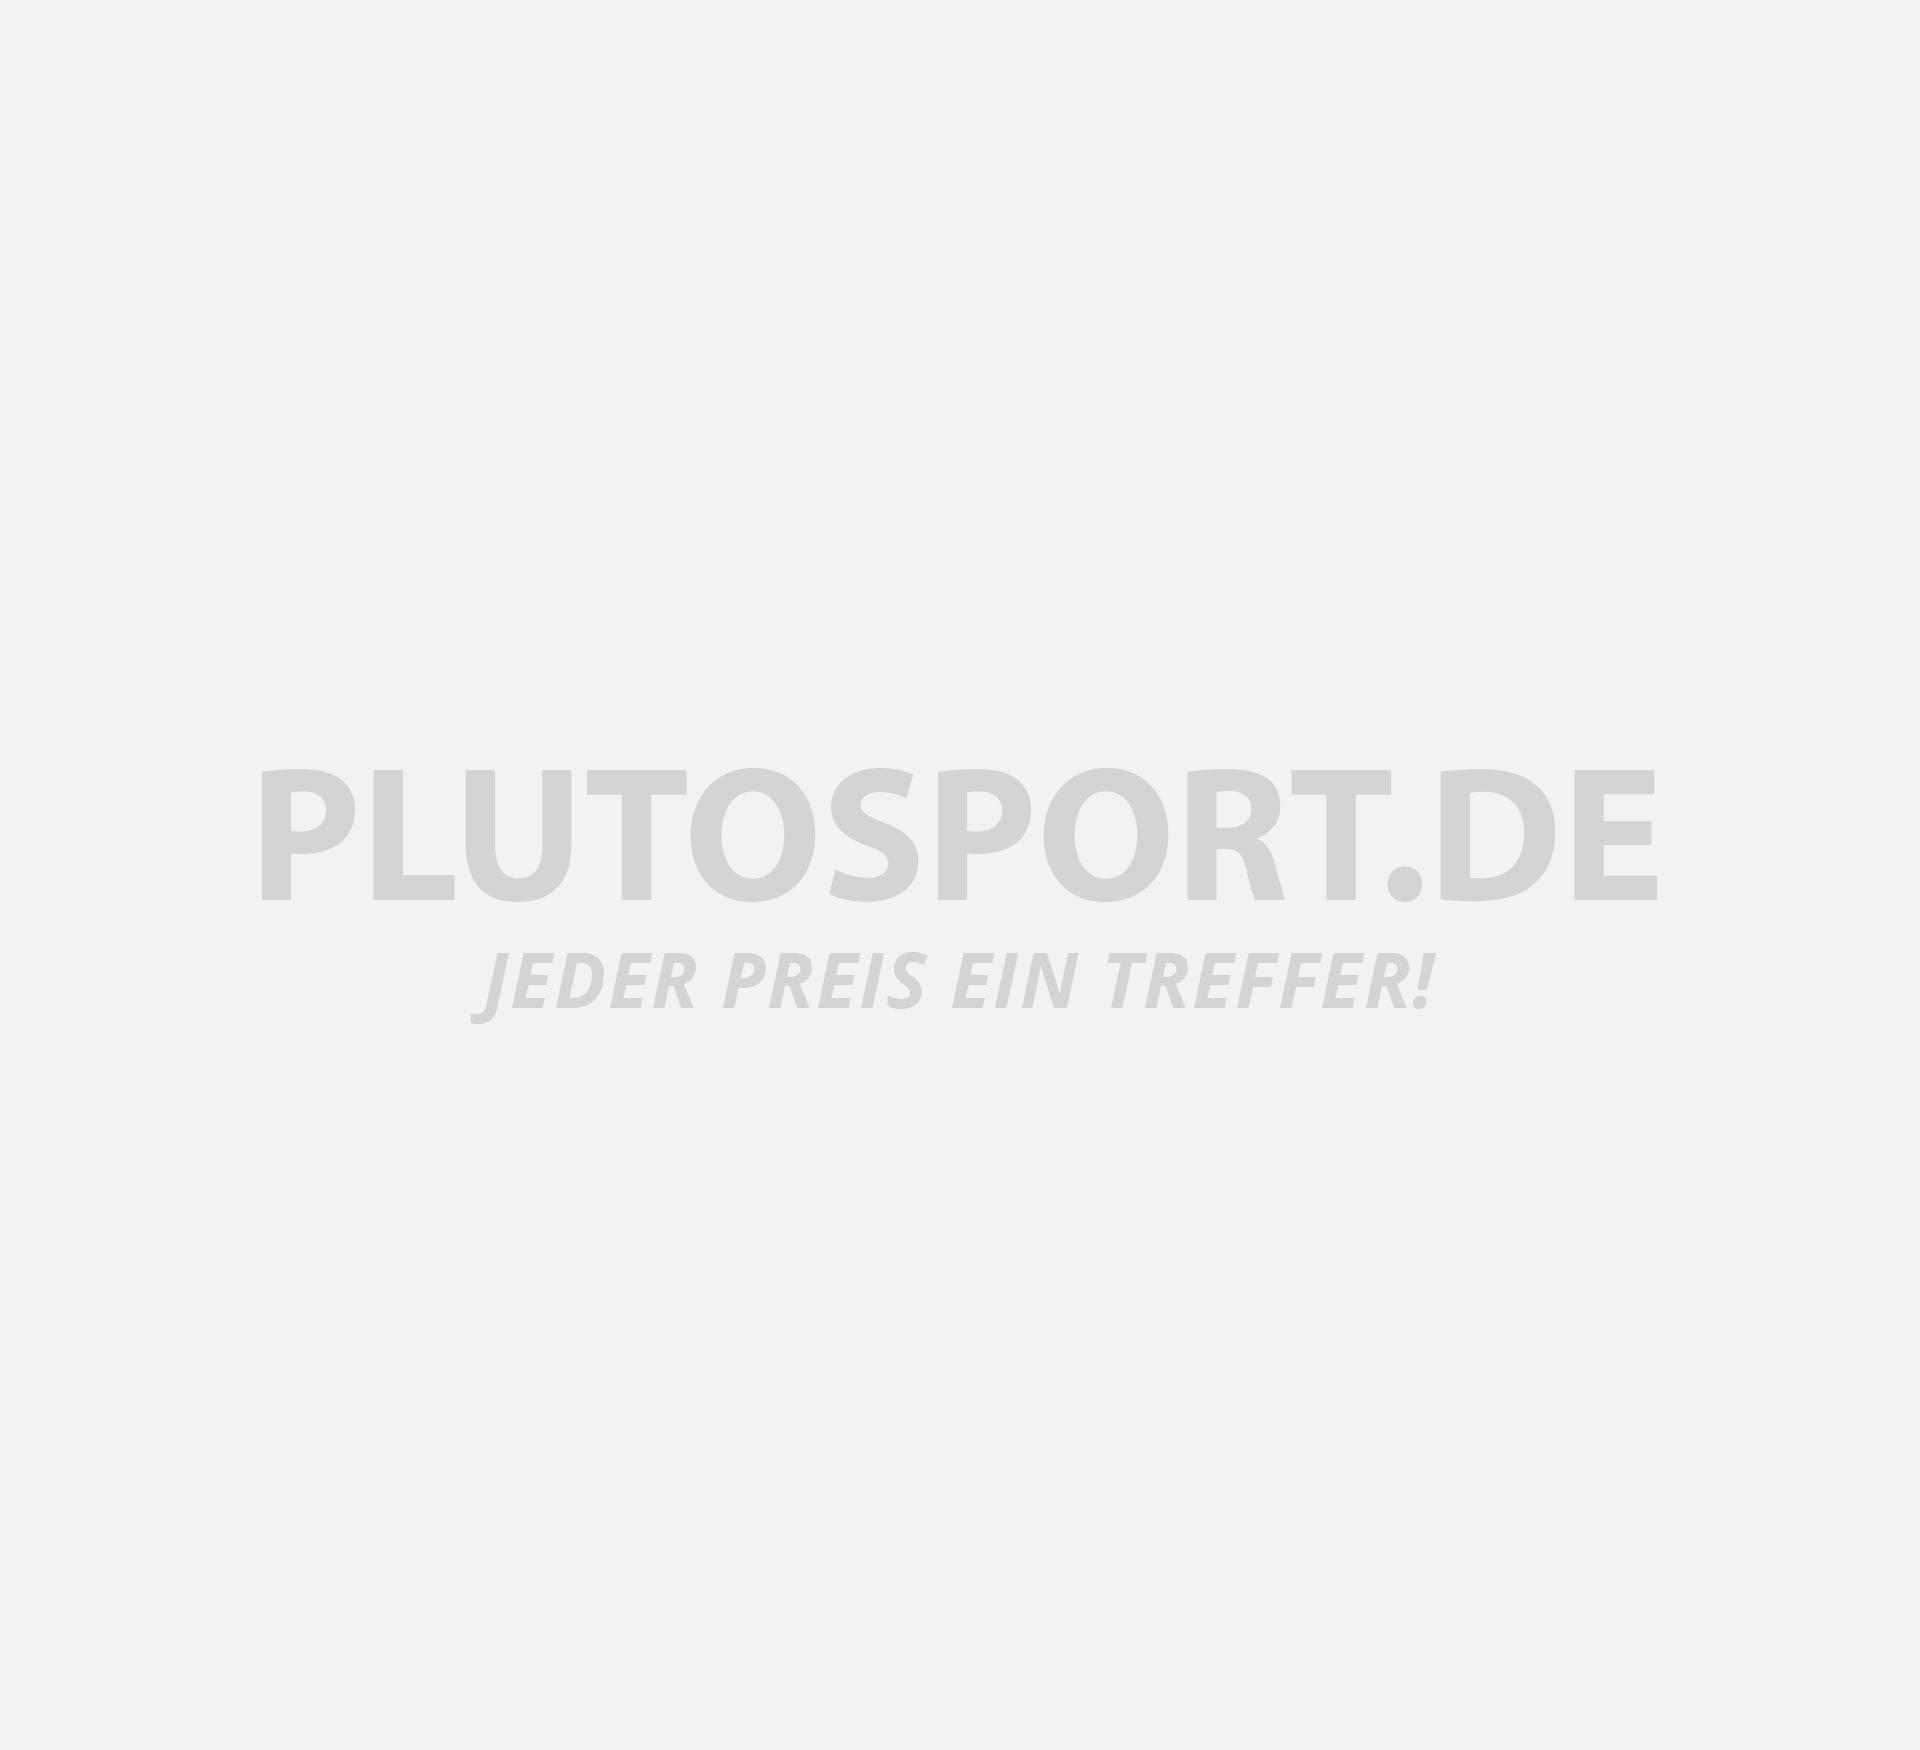 Schuhe 4 Junior Sneakers tdv Sportschoenen Pico Nike Ynq1vv